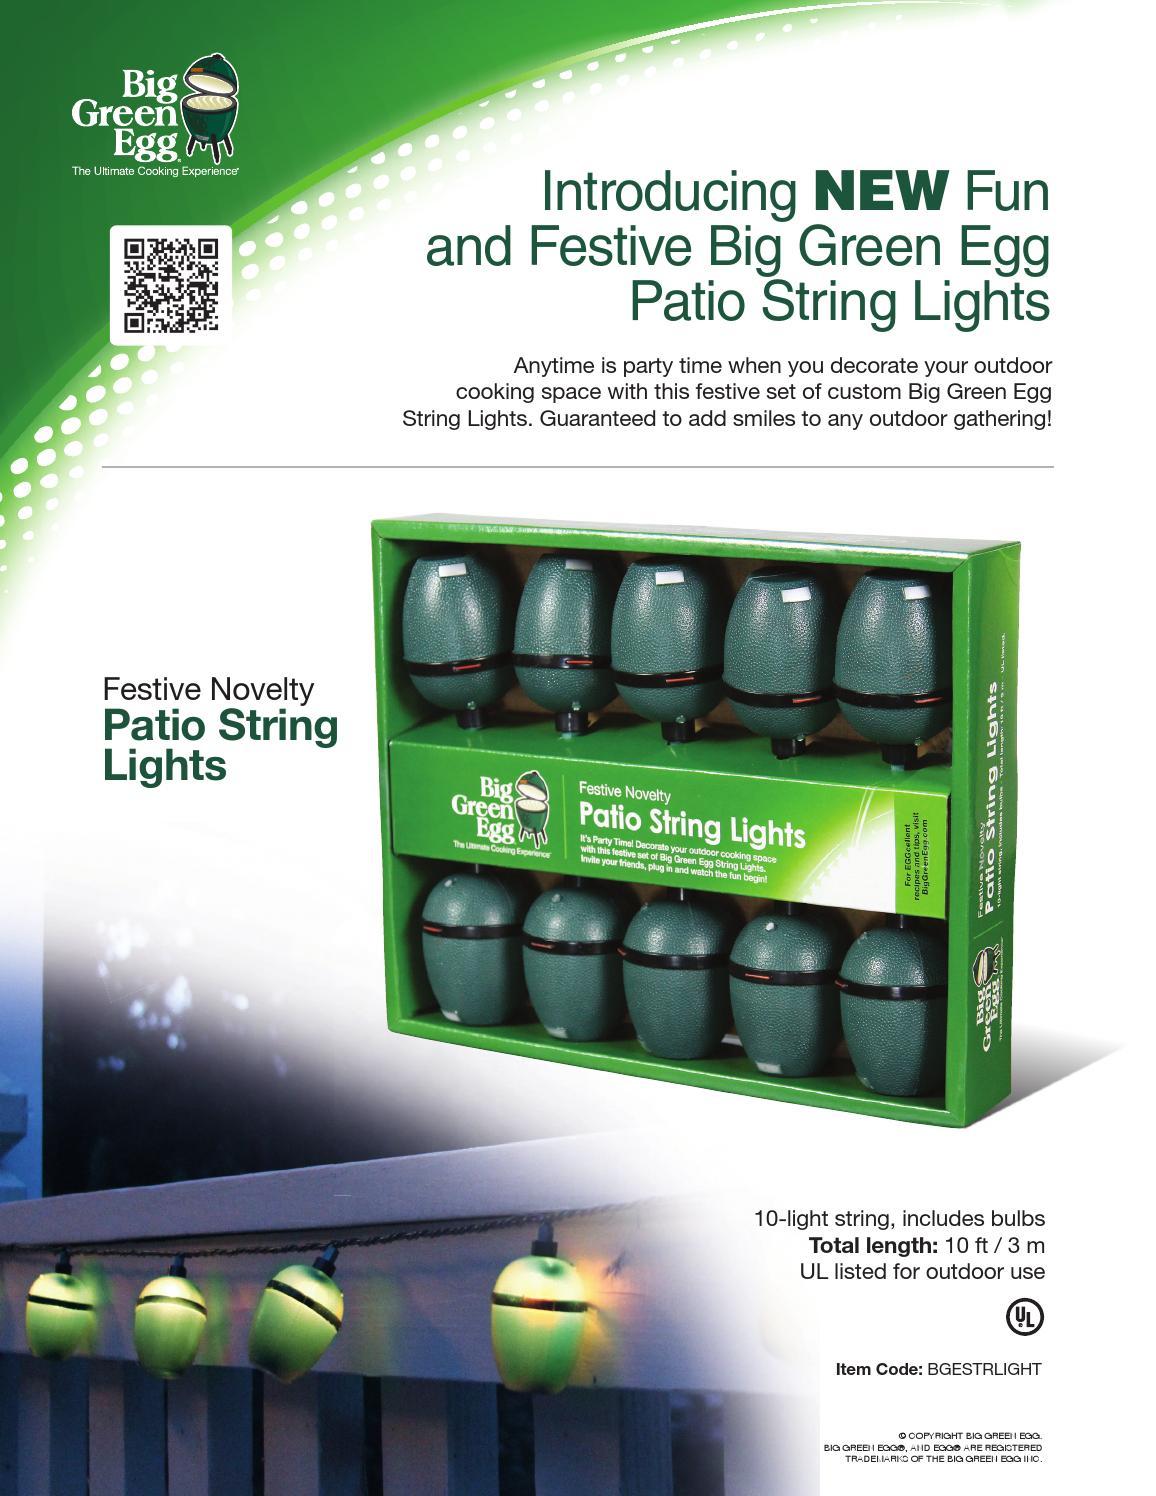 Bge sellsheet stringlights by Big Green Egg - issuu